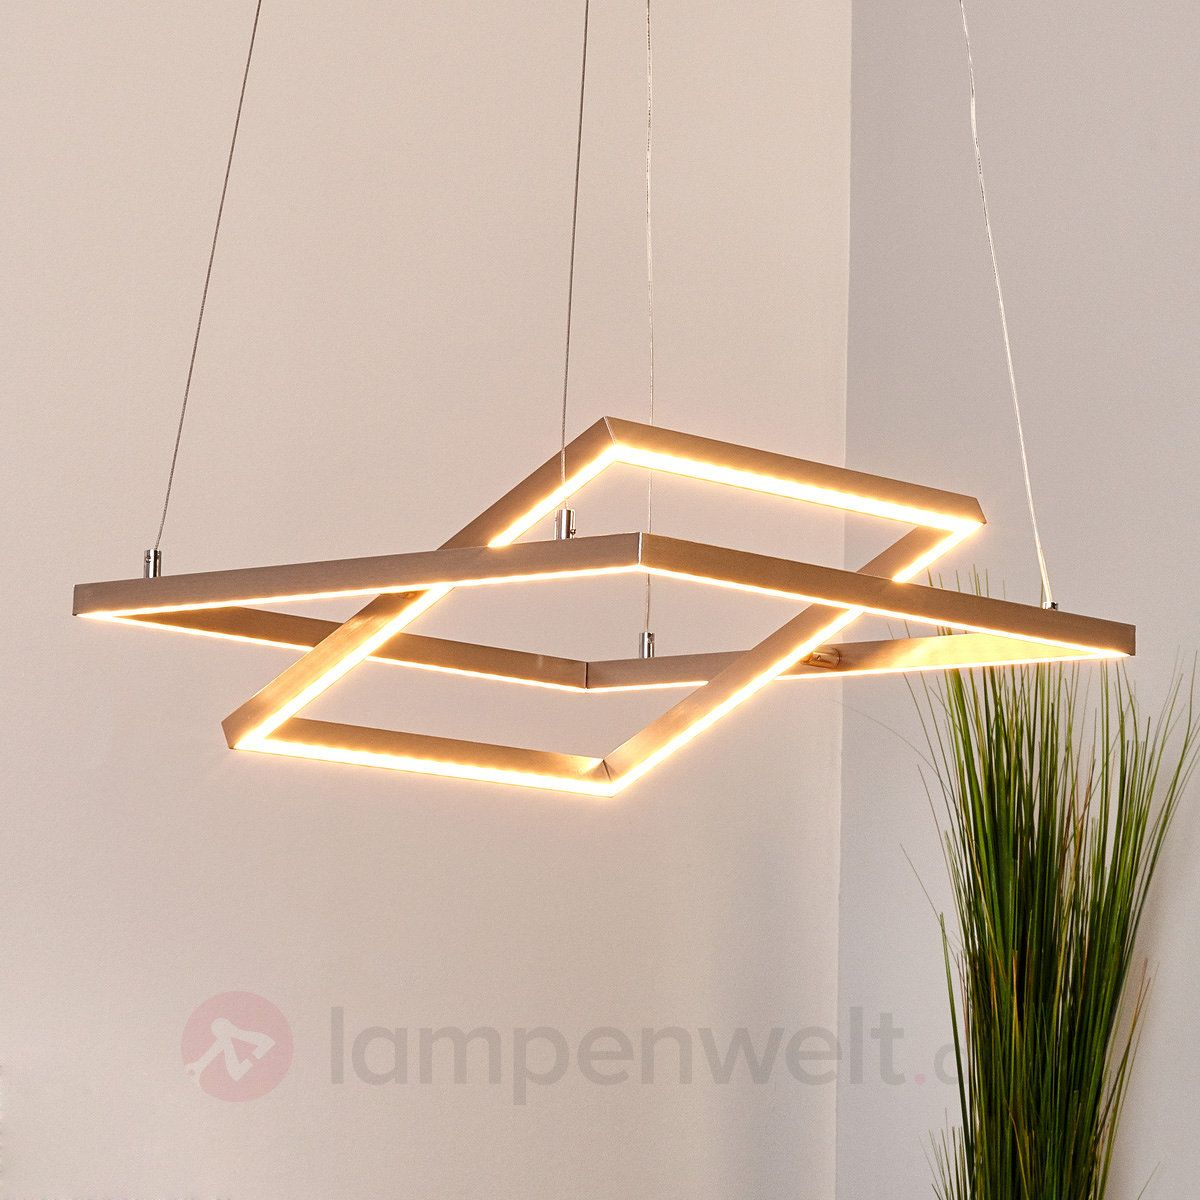 Stoff-Pendelleuchte Sebatin in Weiß | LED, Wohnideen und Beleuchtung